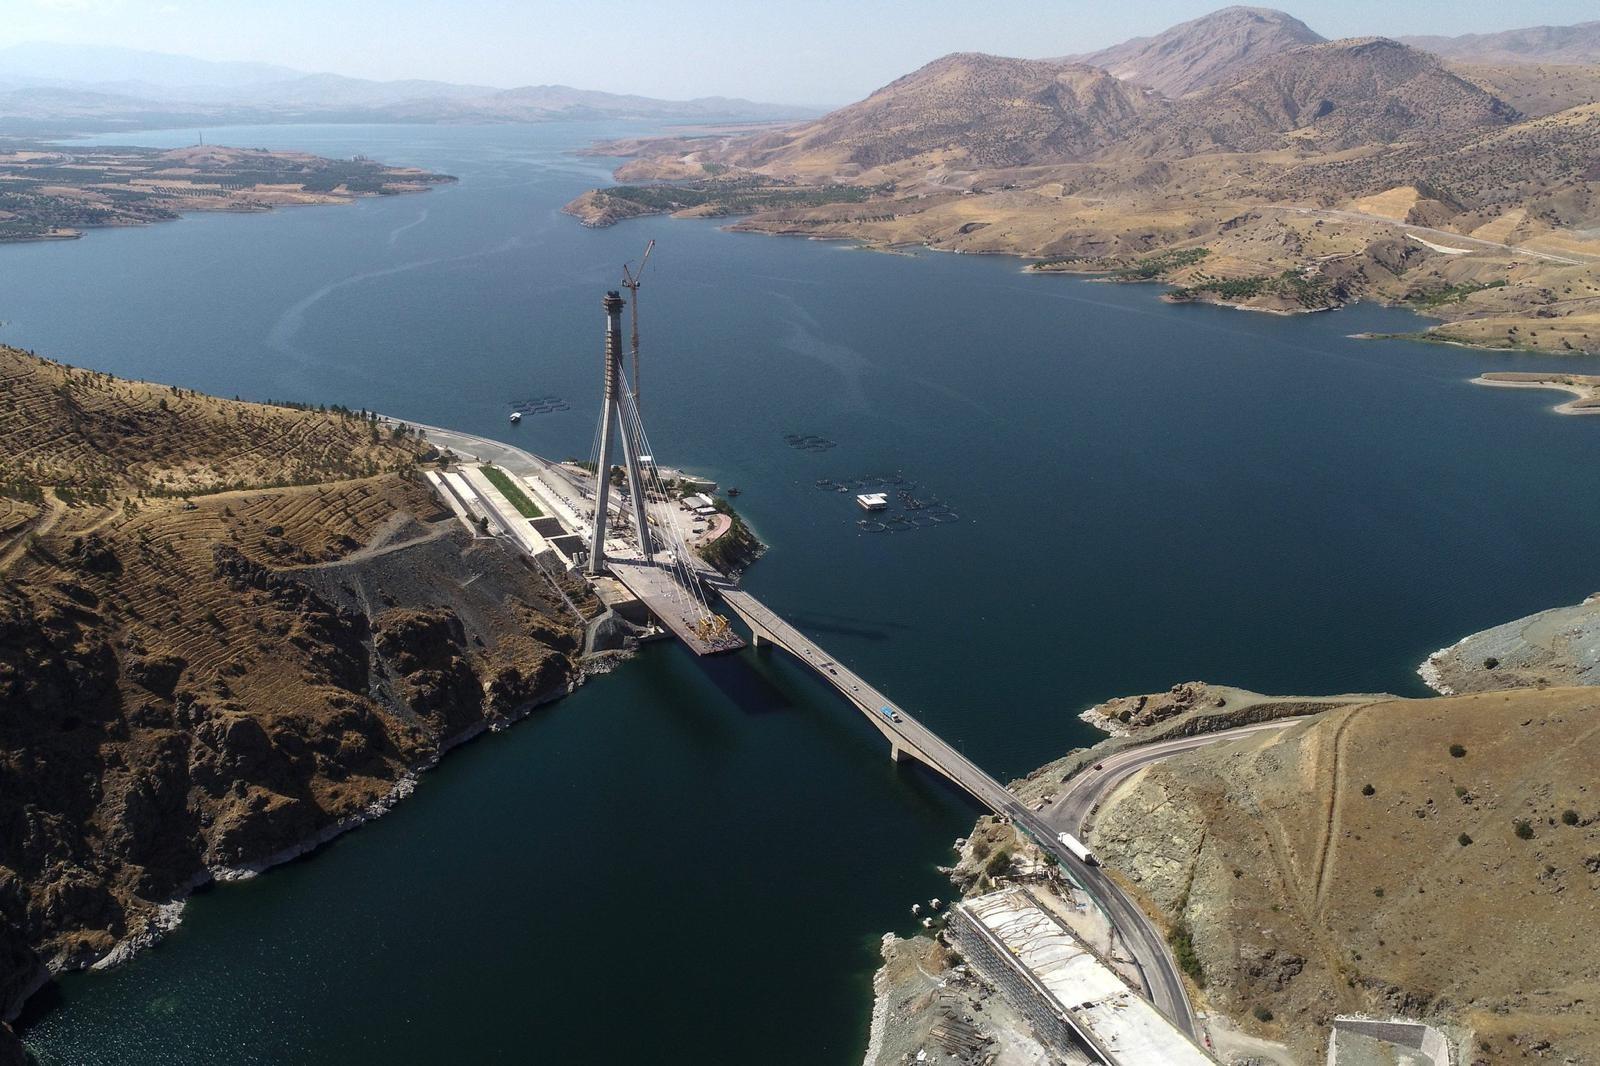 340 Milyon TL'lik köprünün yapımı bitmek üzere